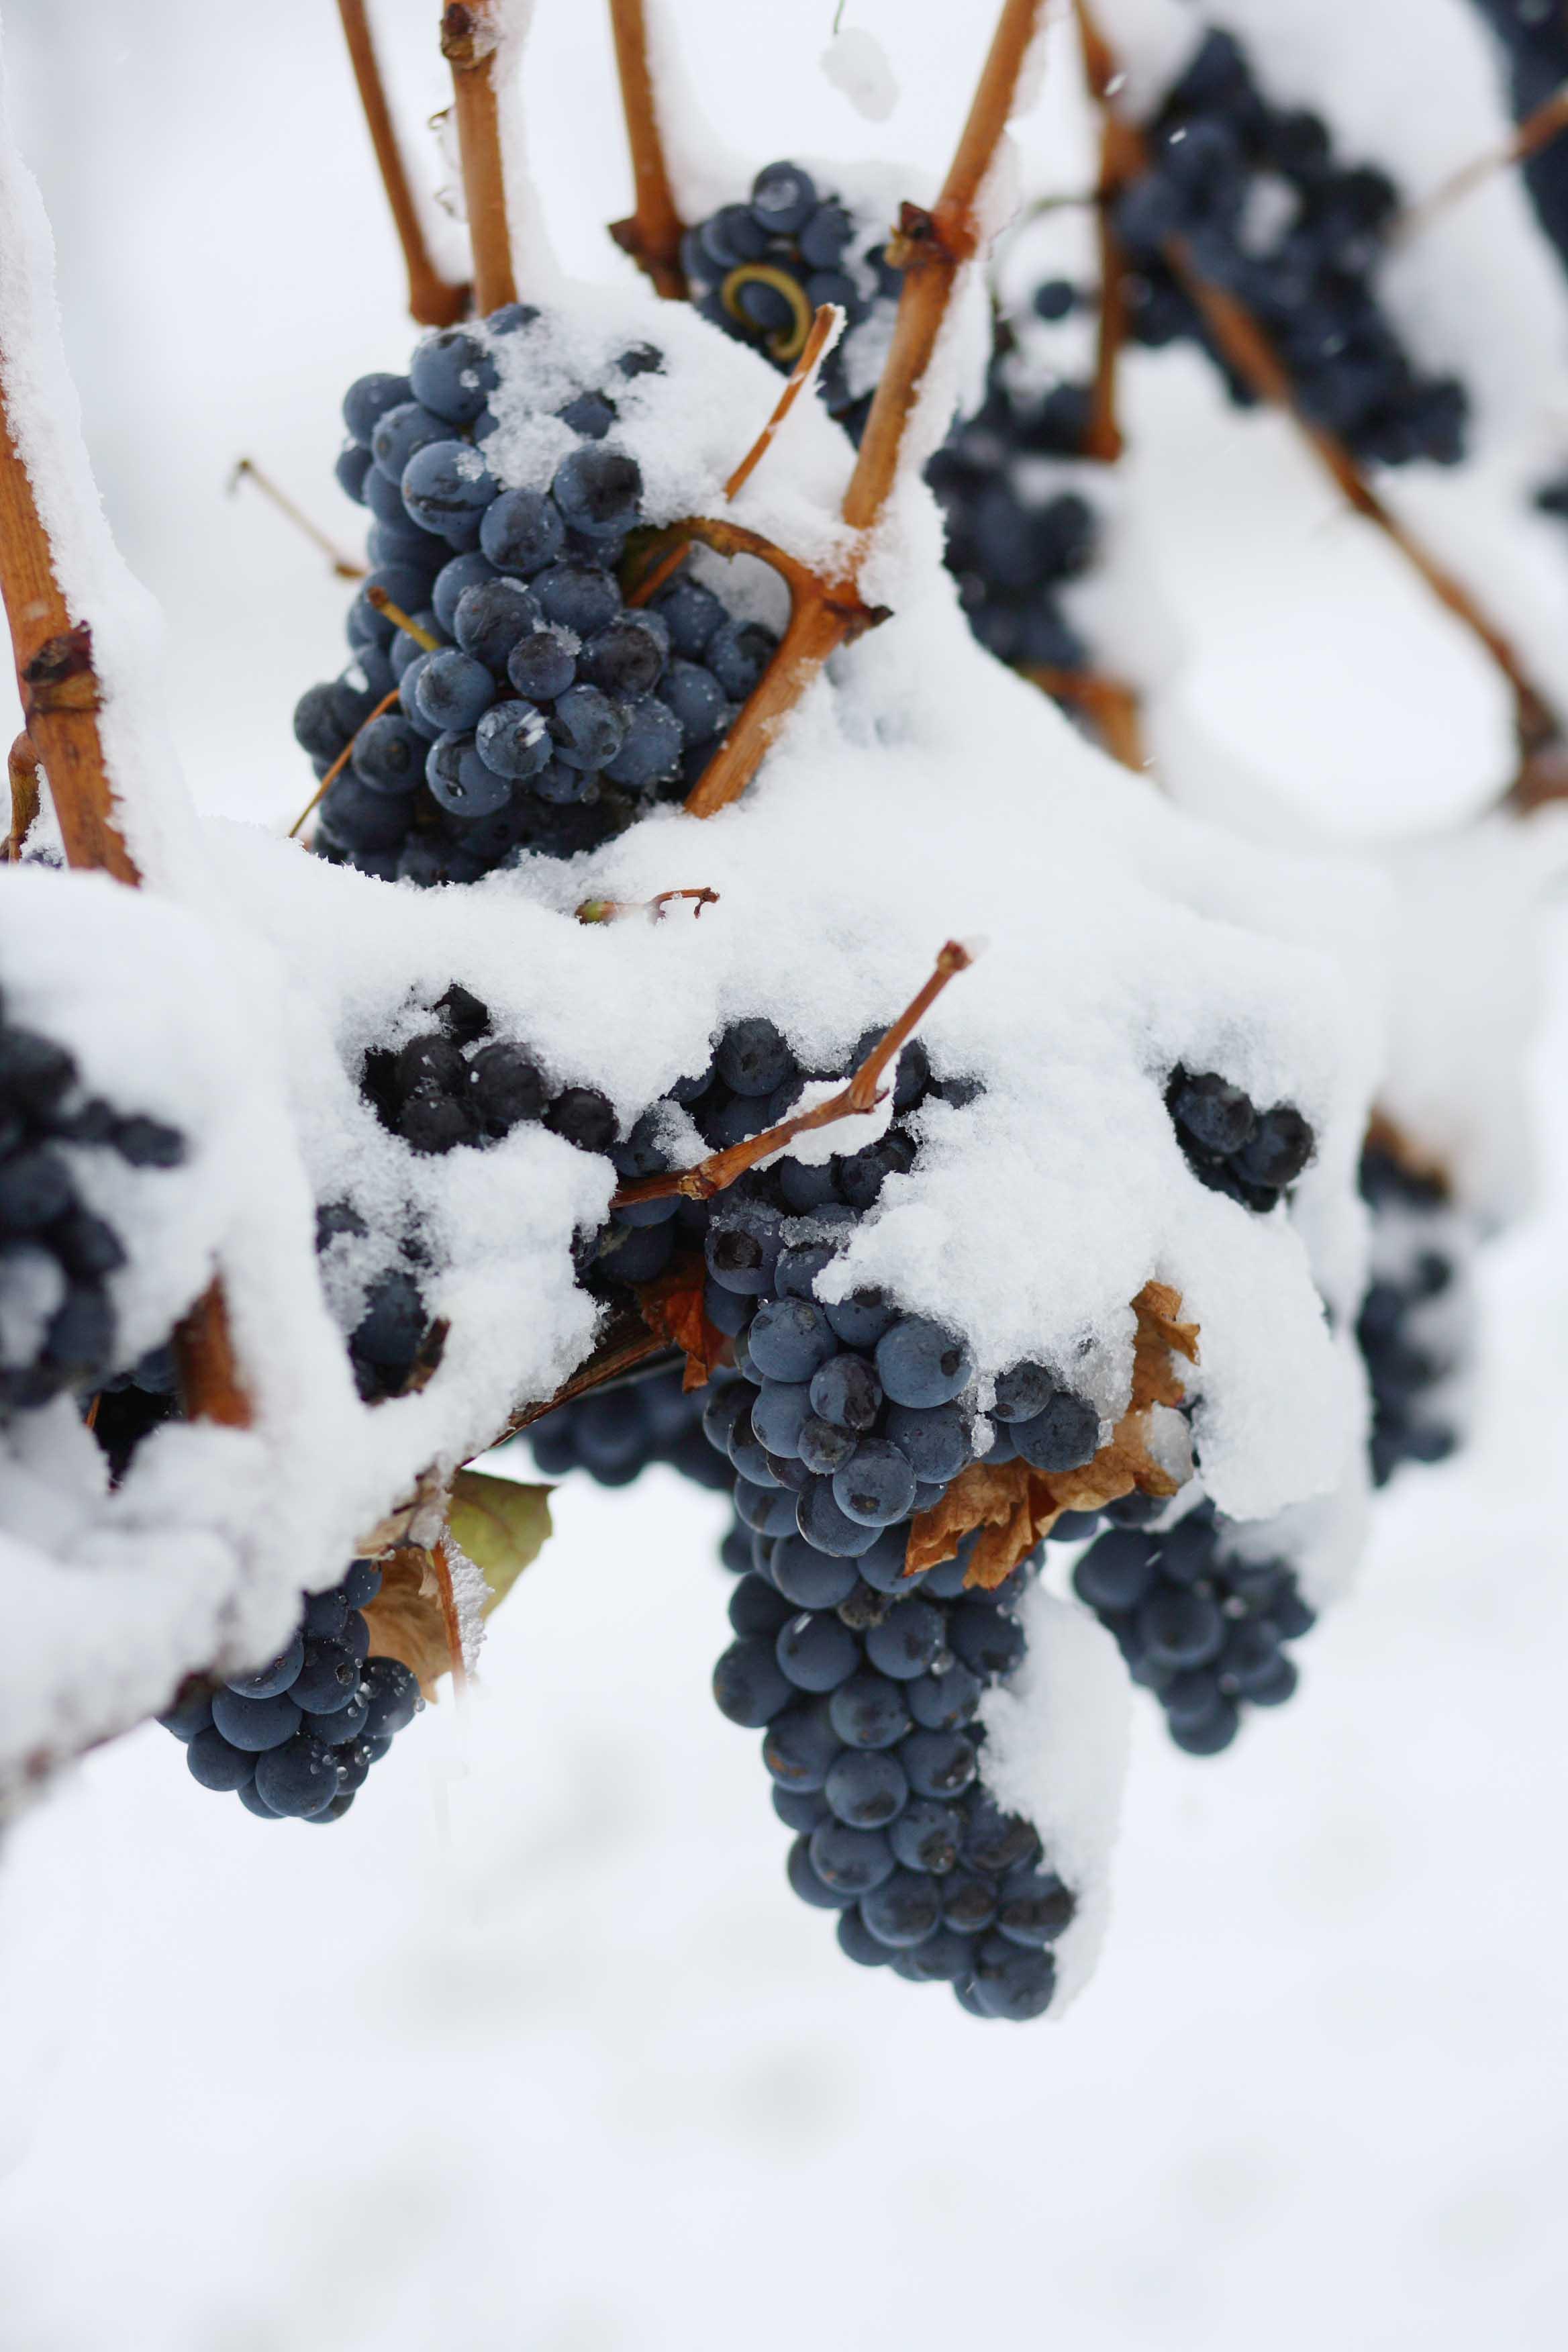 Vinné sklepy Lechovice ledové hrozny